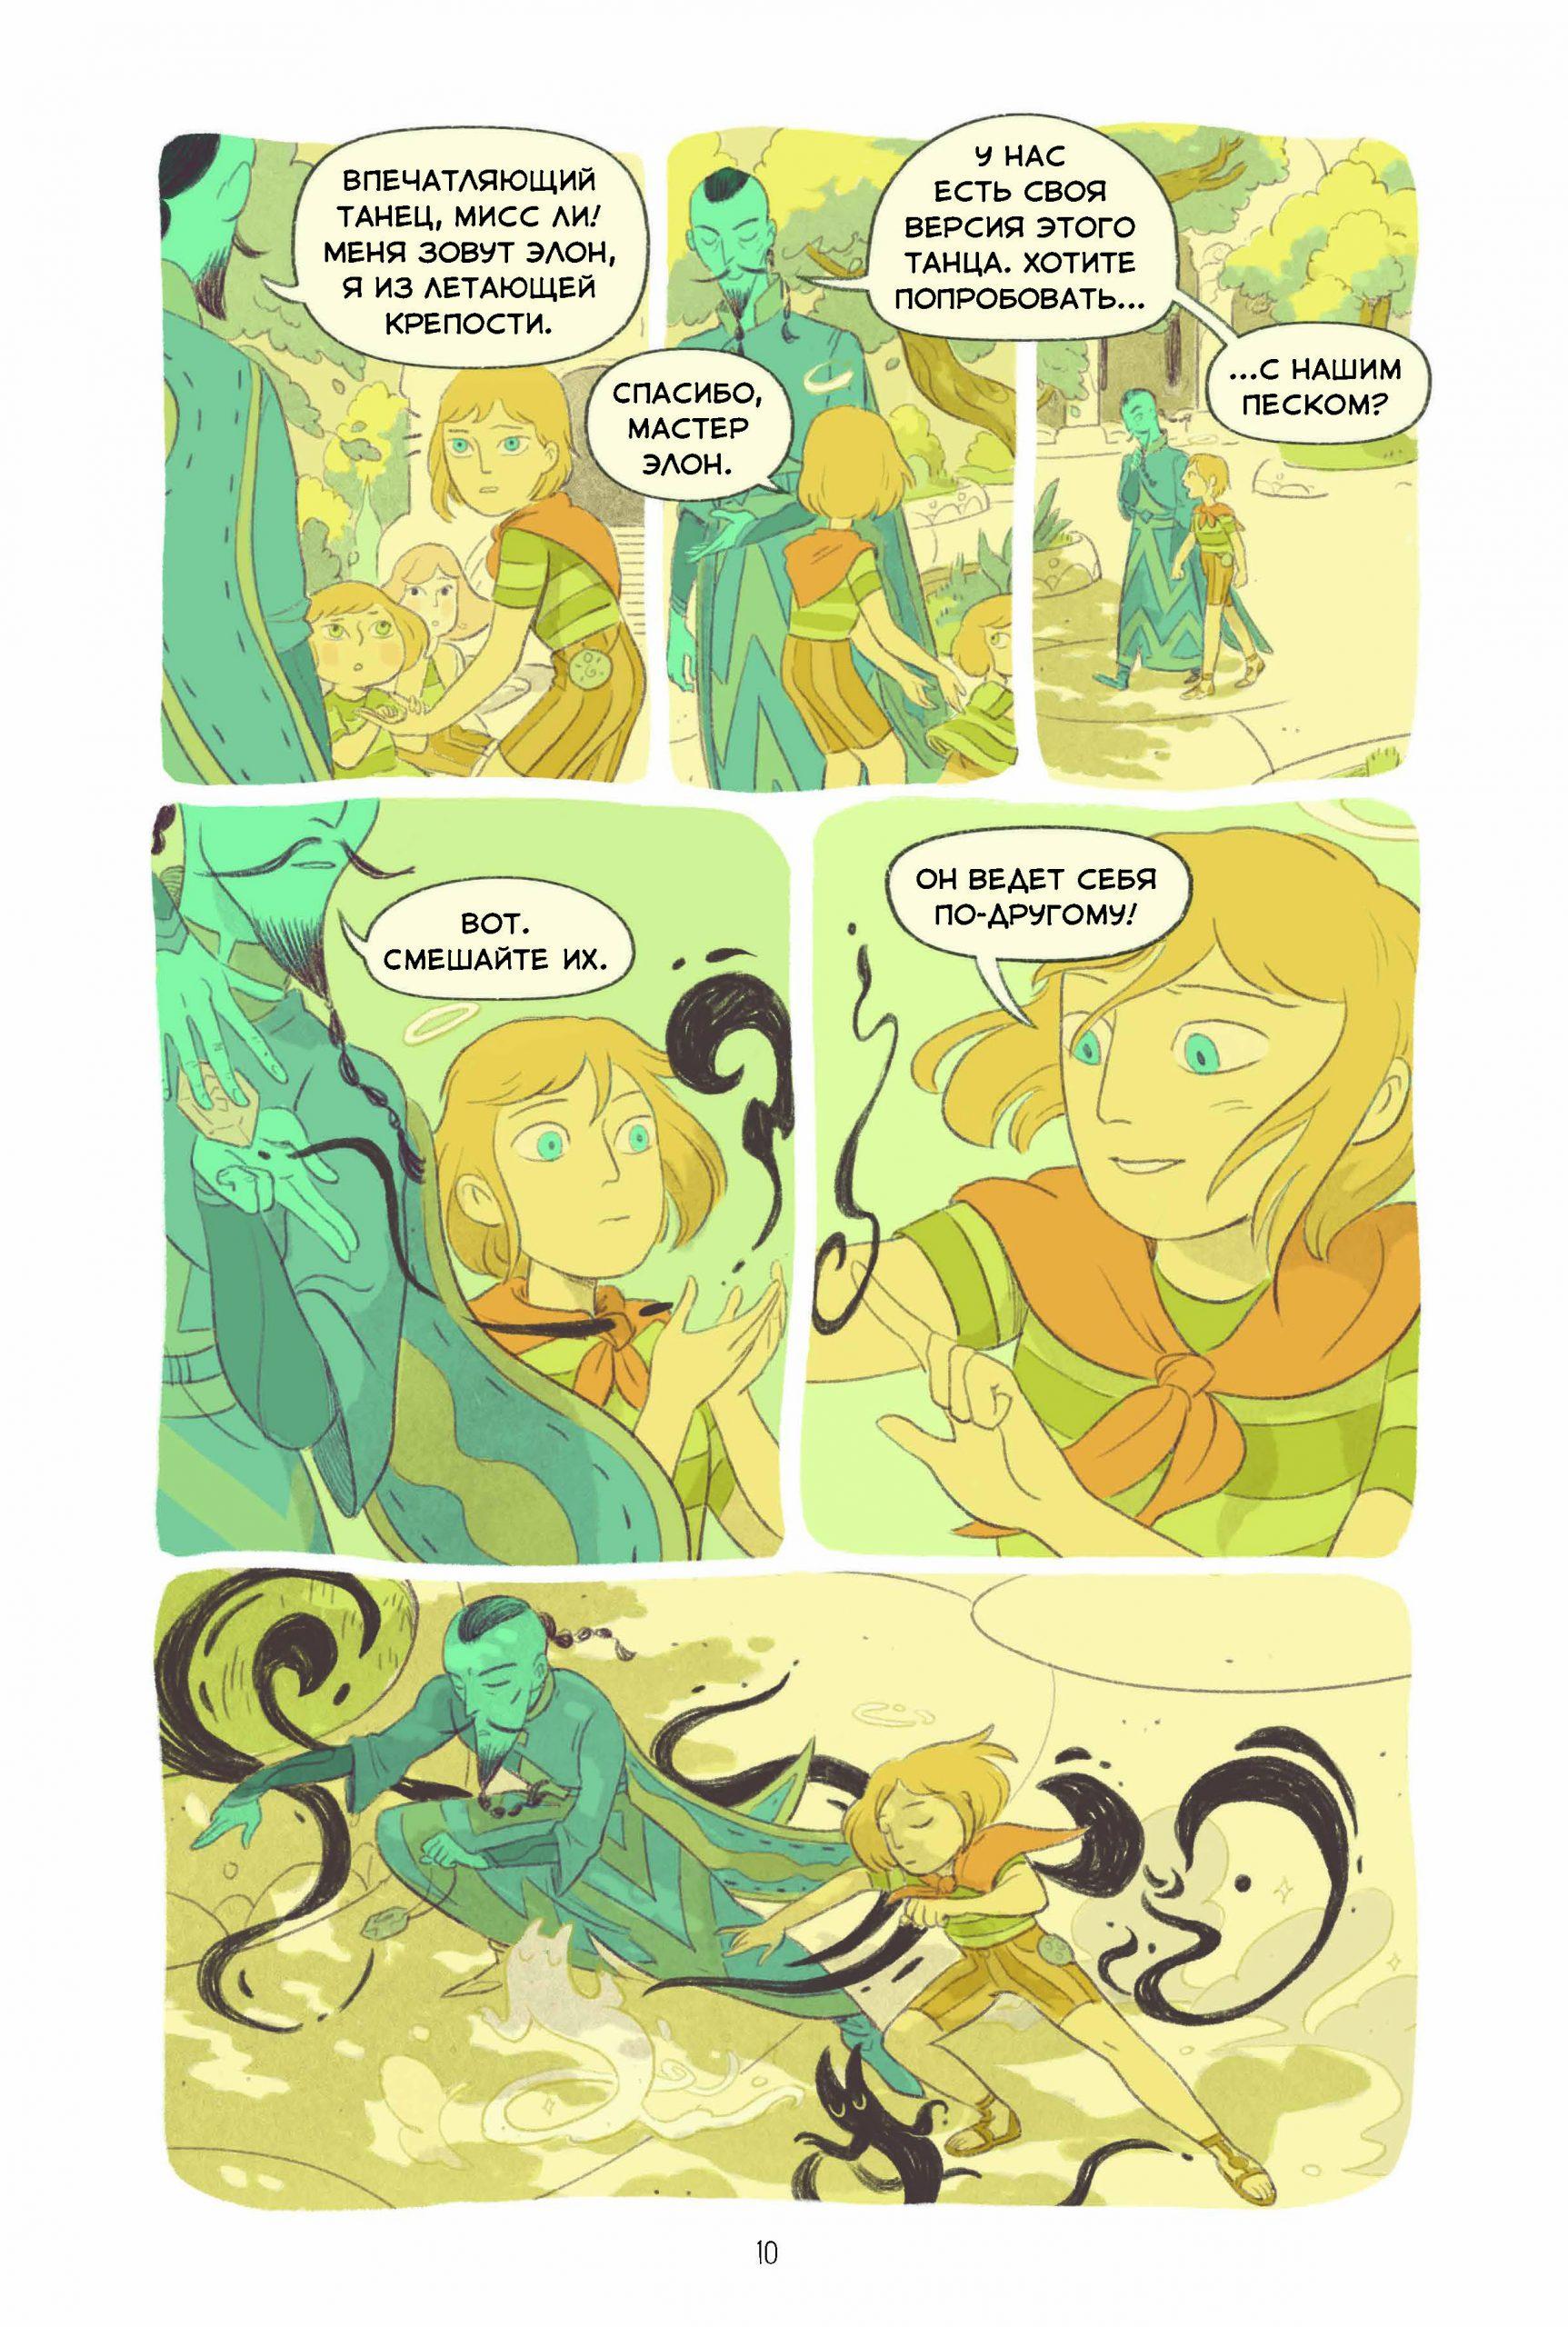 Пять миров. Том 2. Принц Кобальта. Отрывок из комикса 6